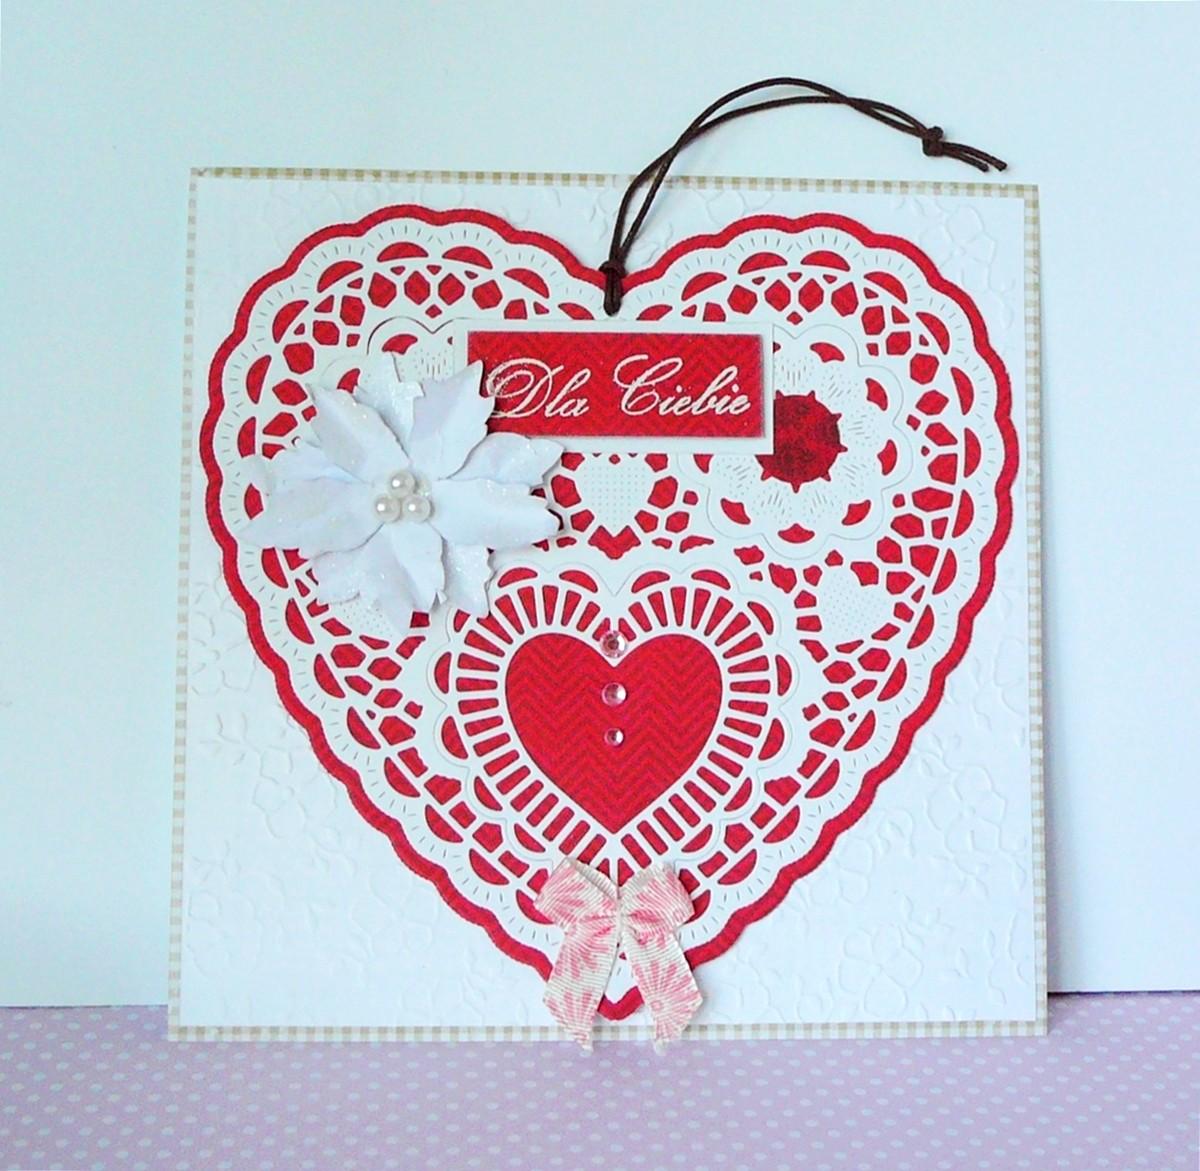 kartka okolicznościowa z sercem